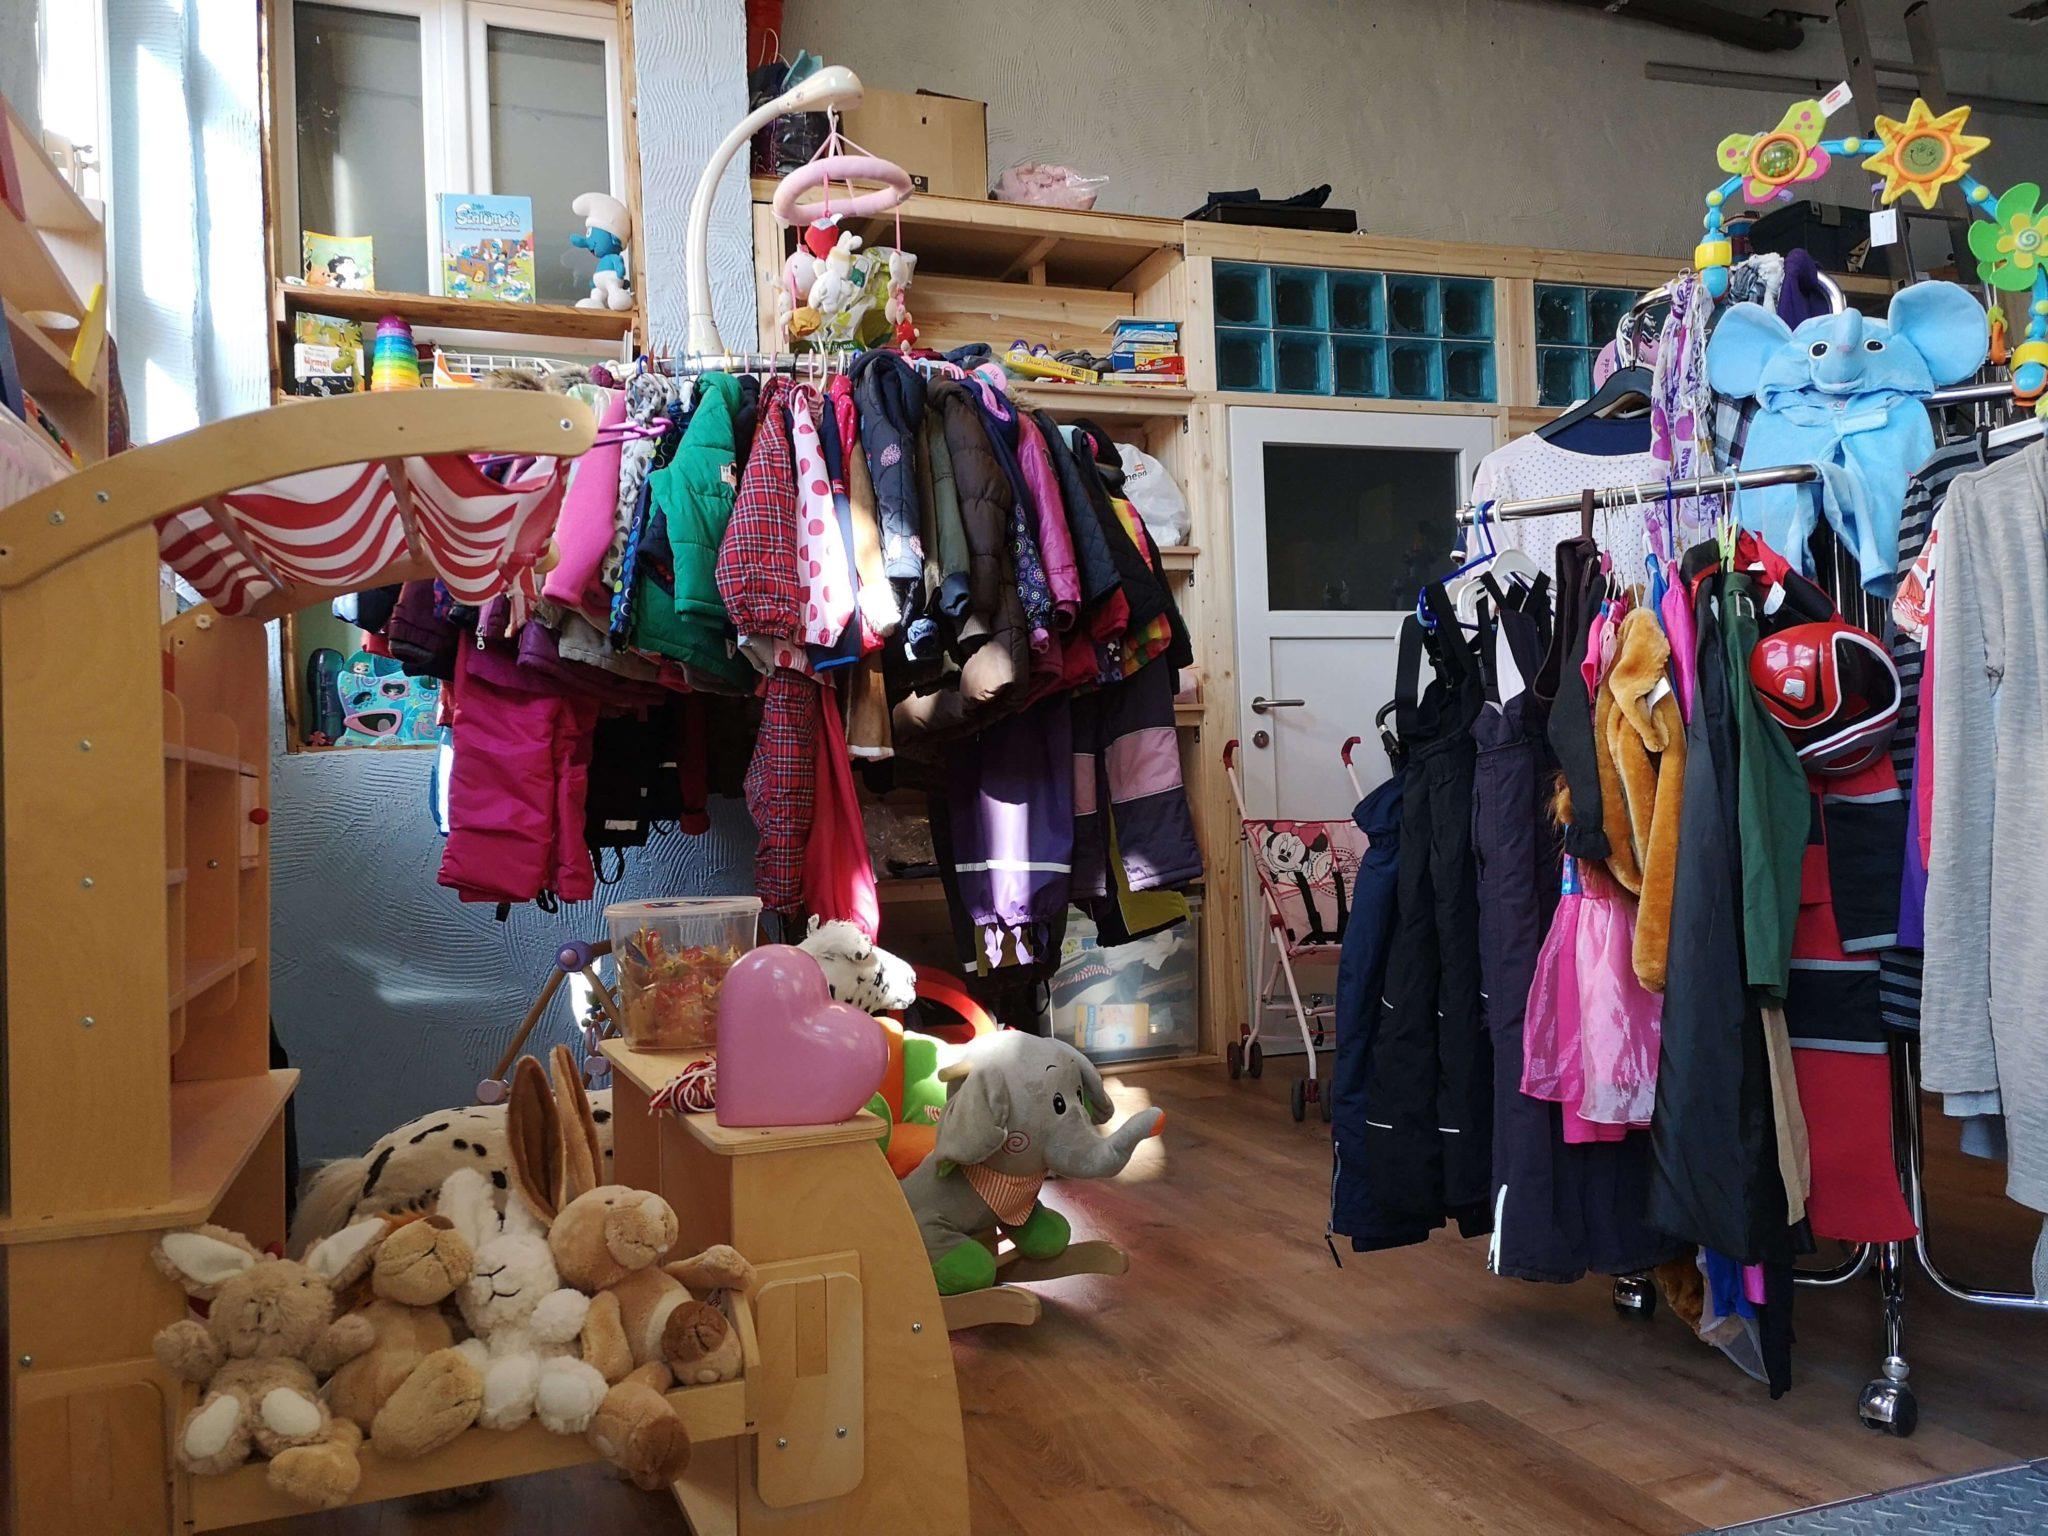 Spielzeug und Klamotten in der Krötenkiste - Frankfurt mit Kids